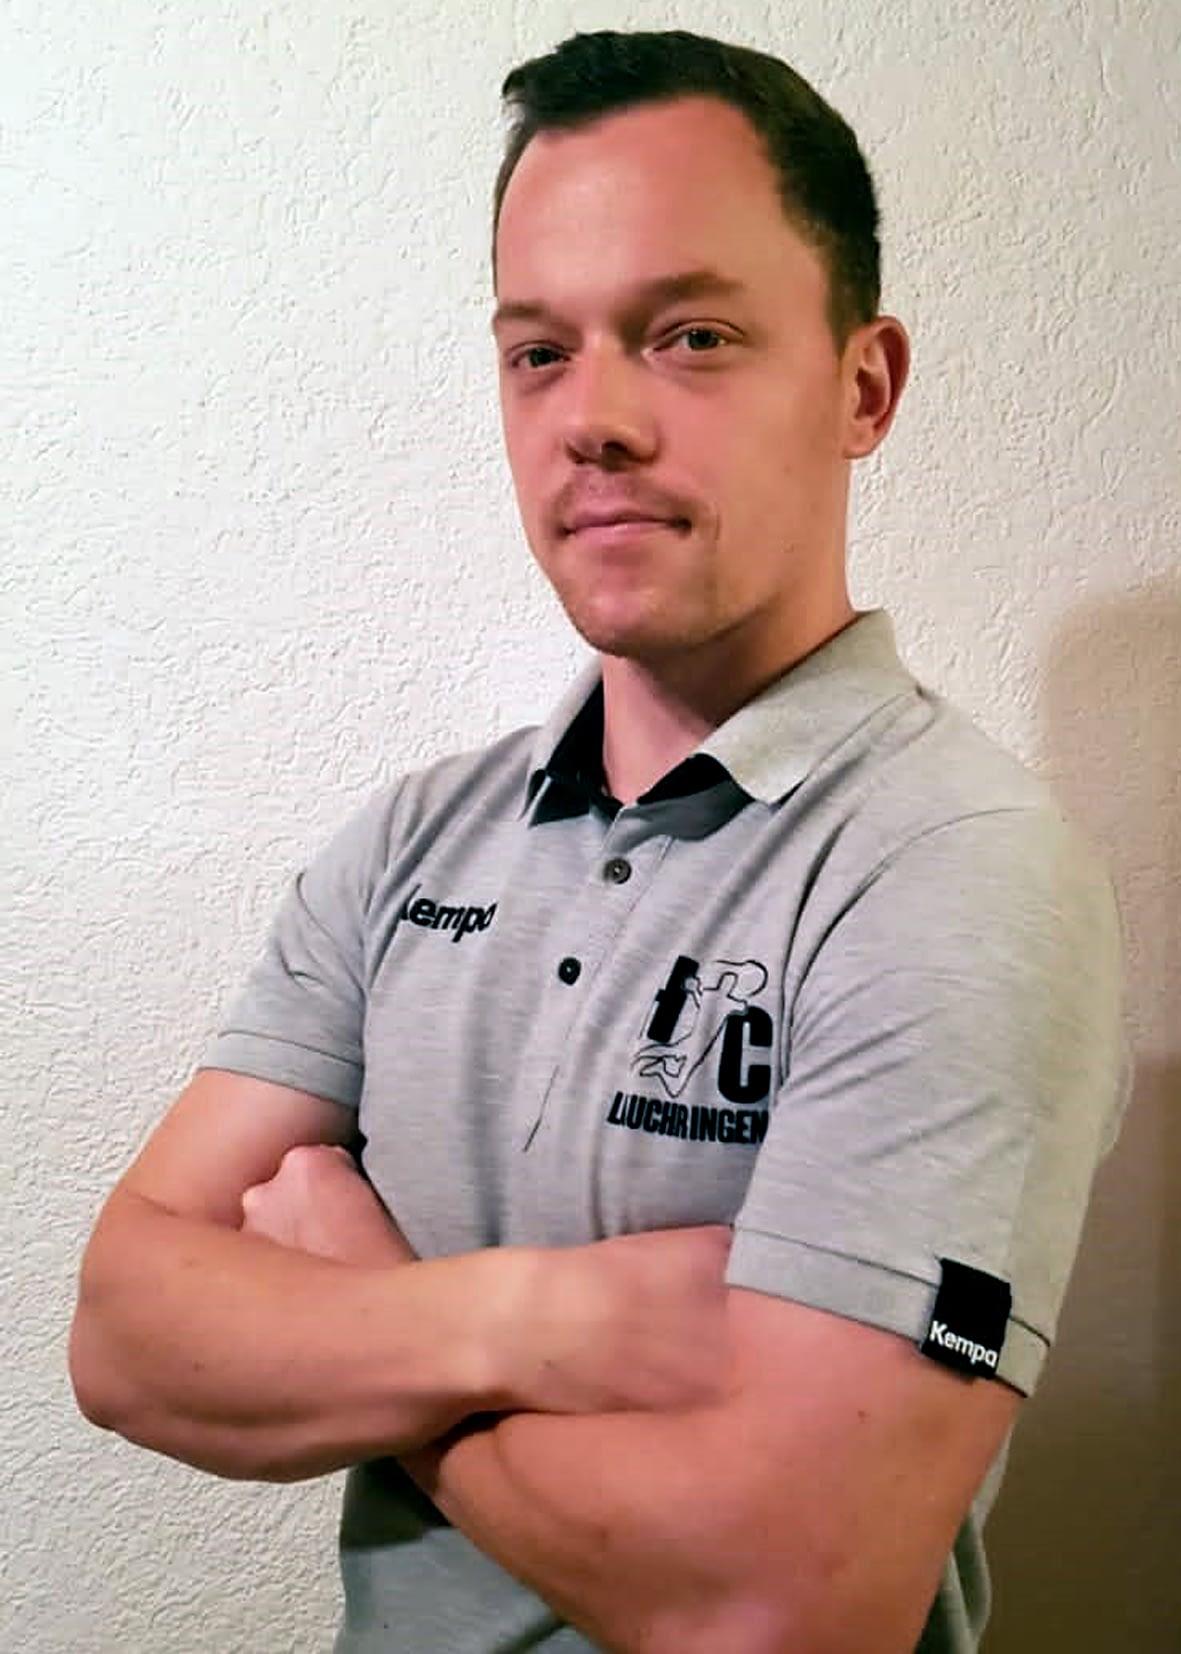 Alexander Isele